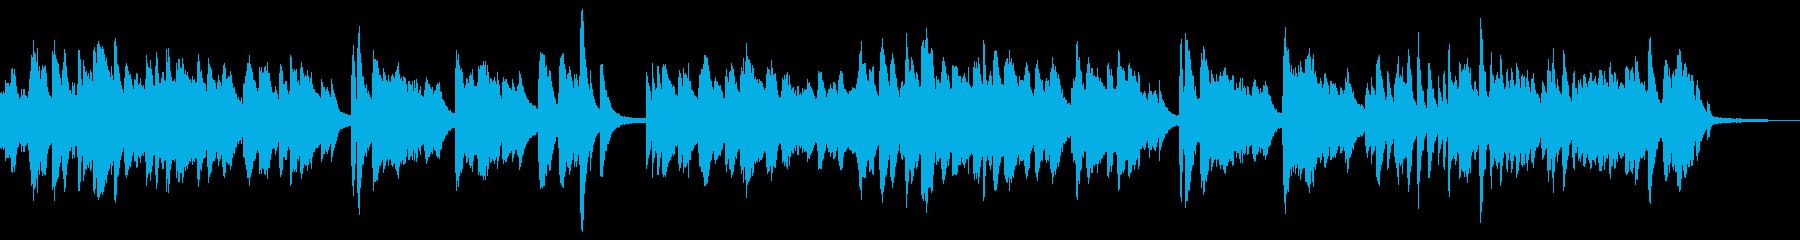 秋の風景や映像に。和風なソロピアノBGMの再生済みの波形